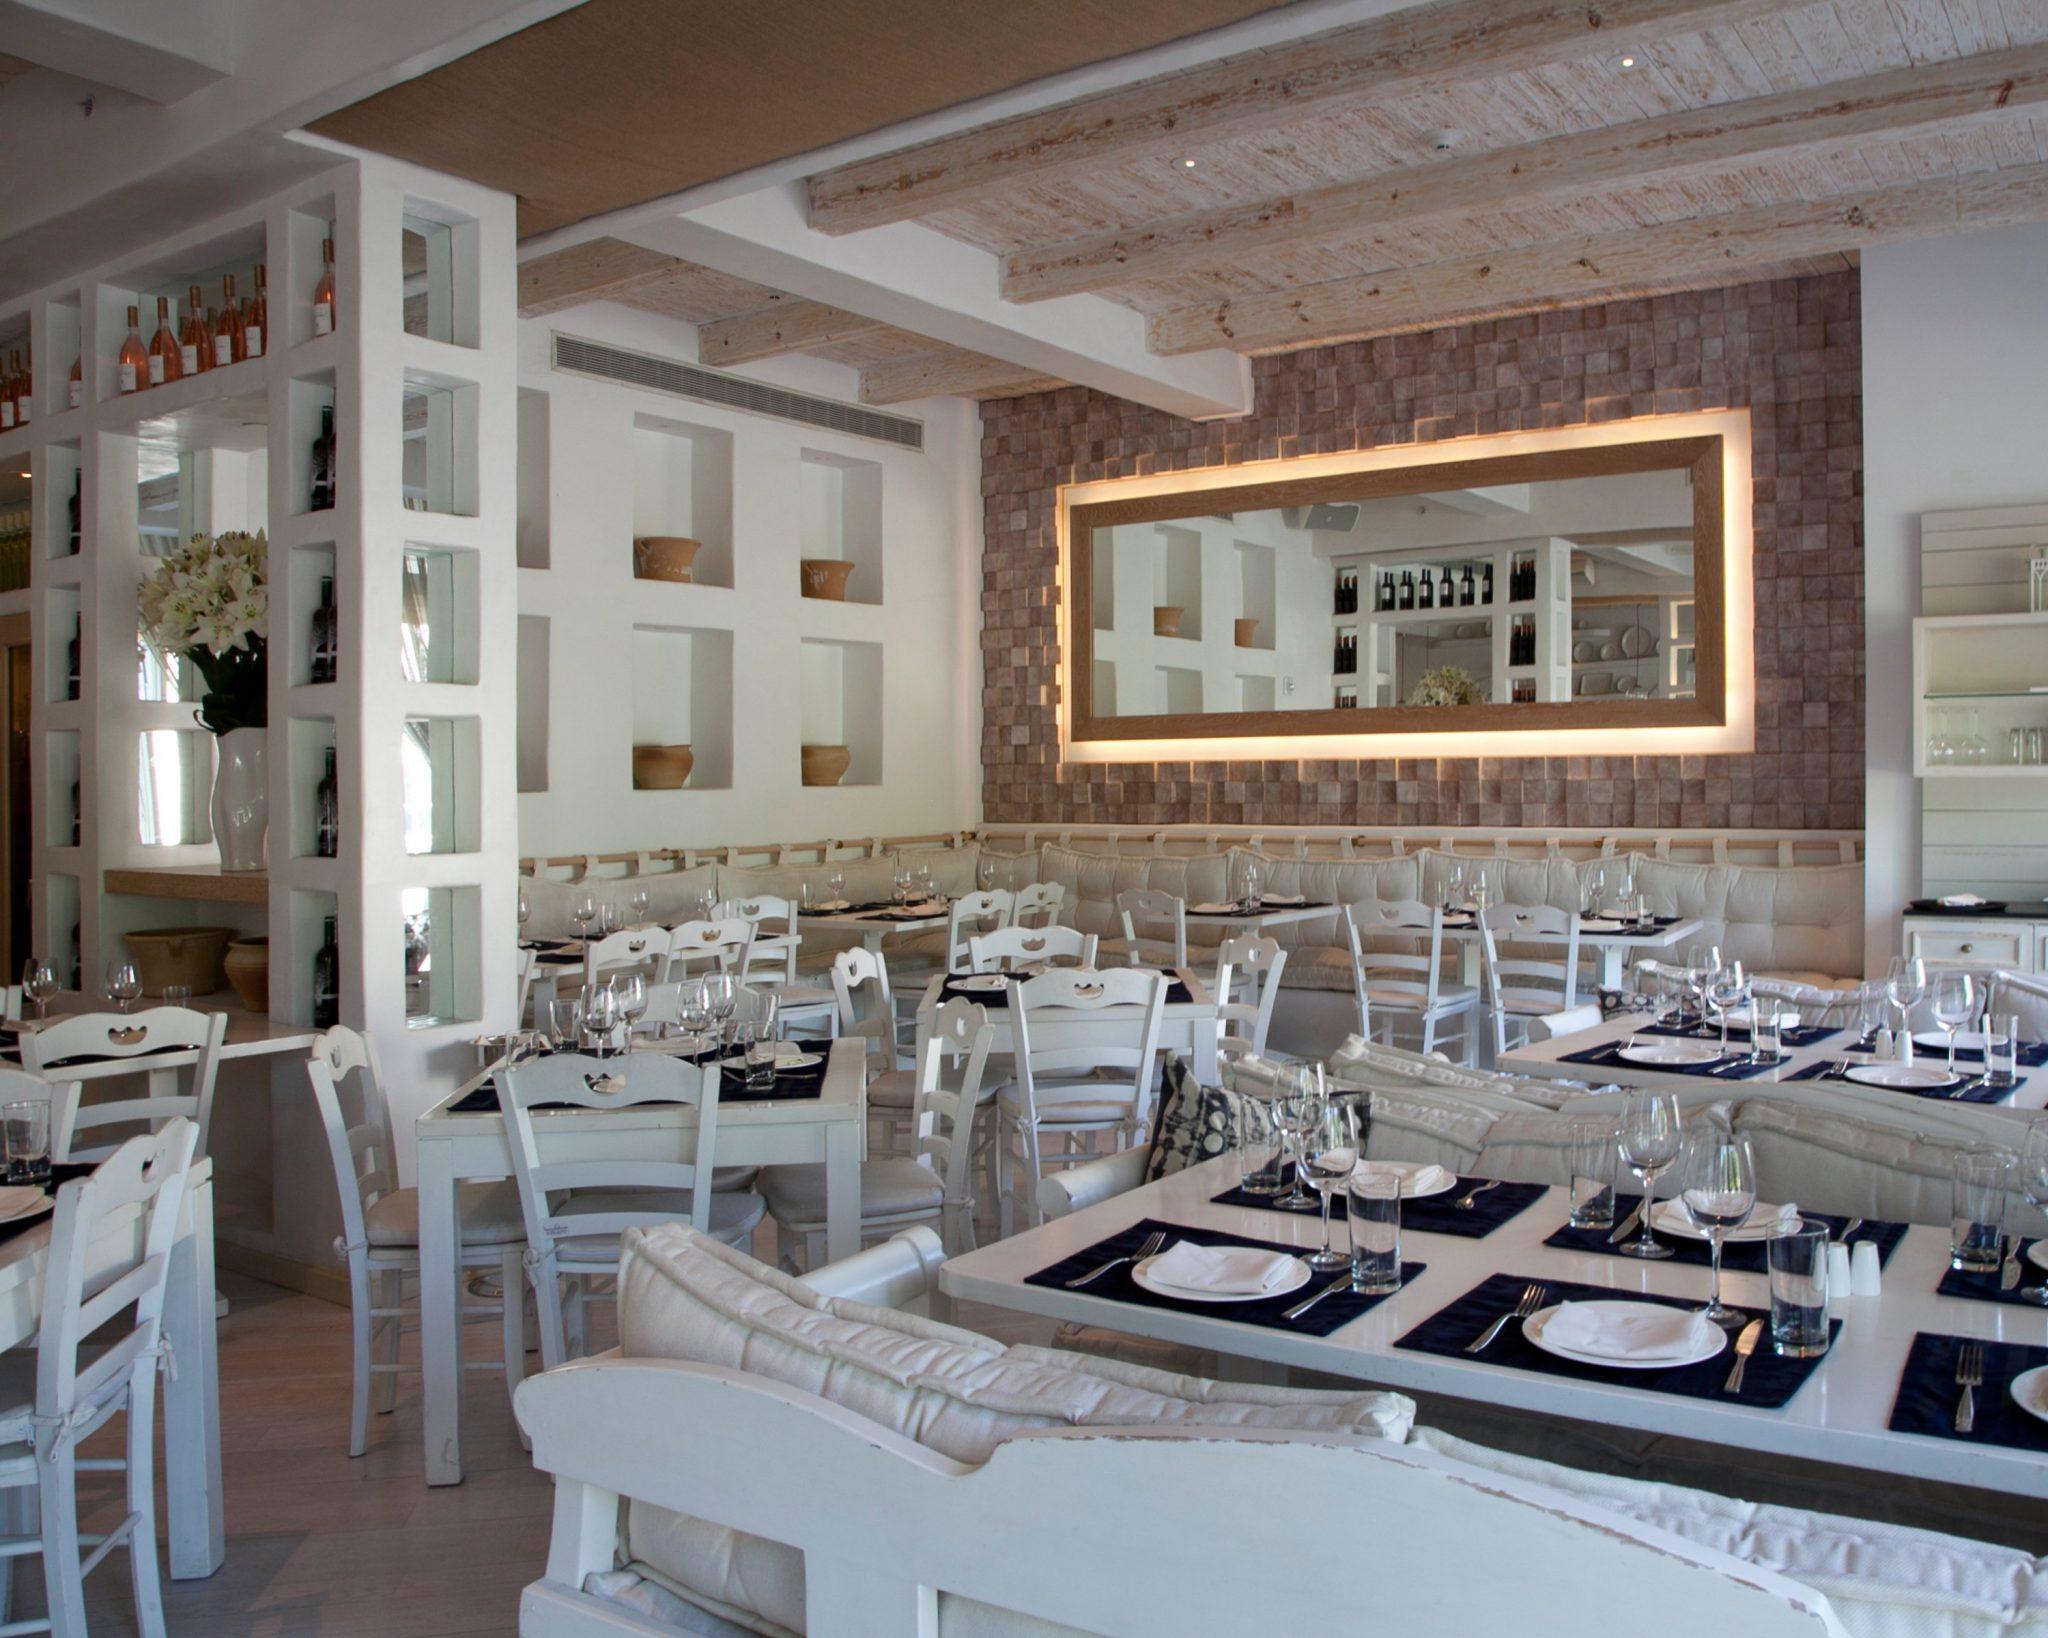 kyma restaurant roslyn paris k design interior design. Black Bedroom Furniture Sets. Home Design Ideas